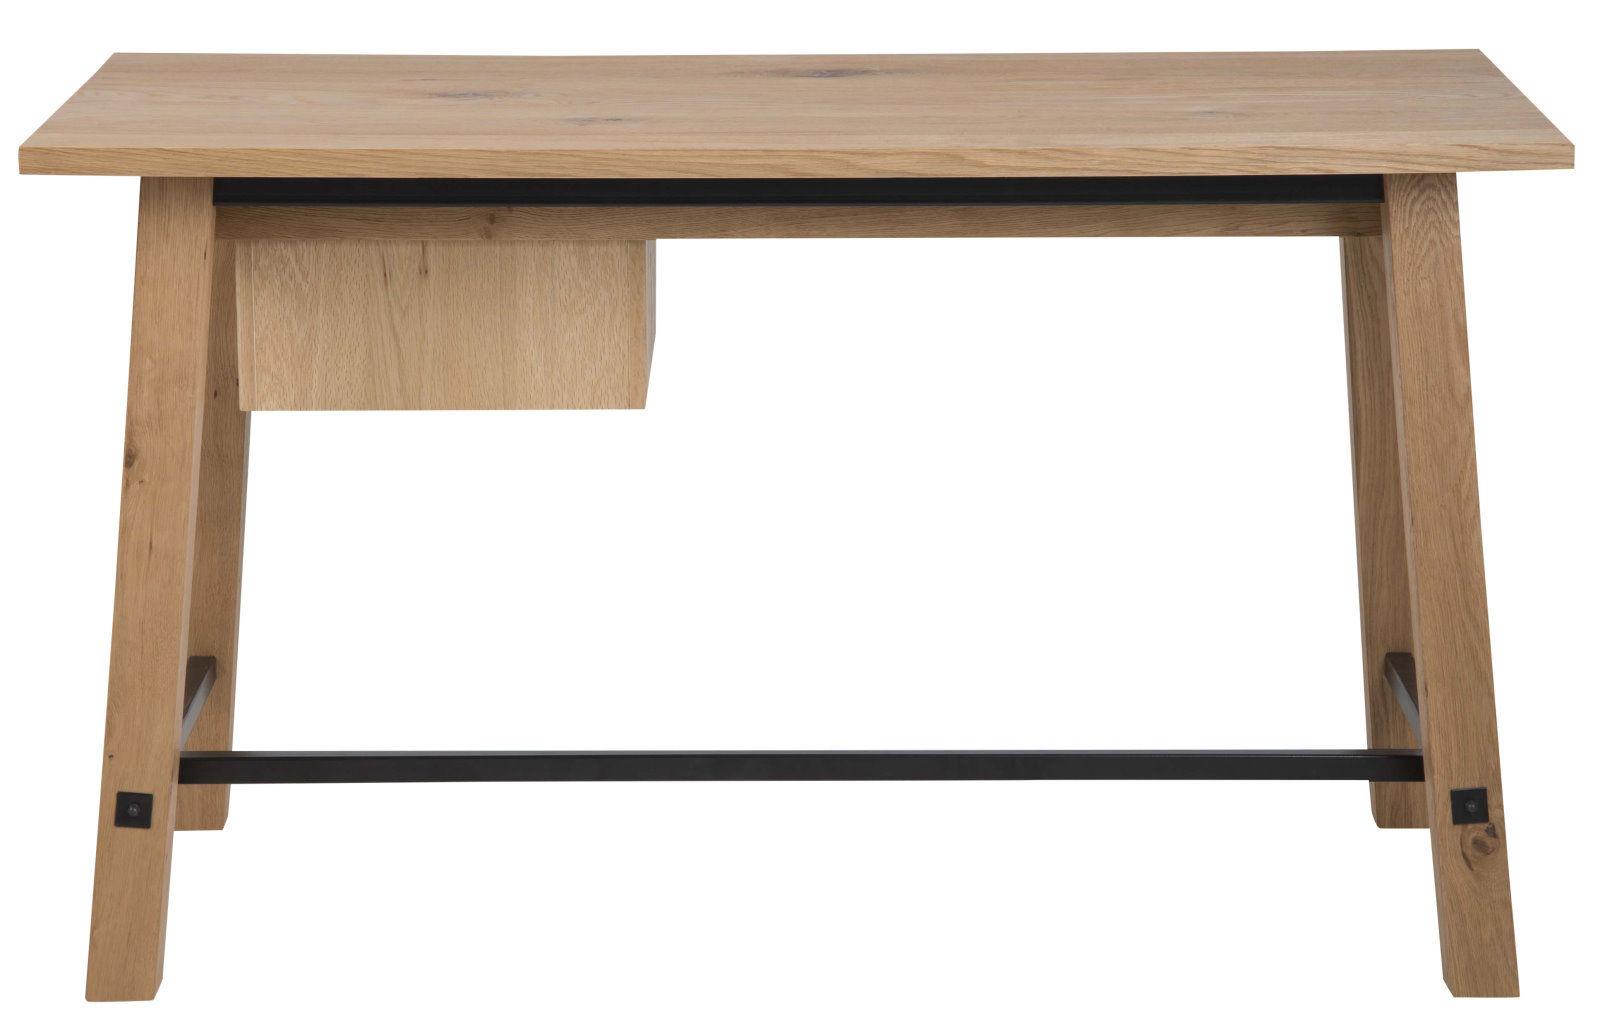 schreibtisch arbeitsplatz massiv schreibtisch tisch computertisch holz b ro m bel wohnen tische. Black Bedroom Furniture Sets. Home Design Ideas